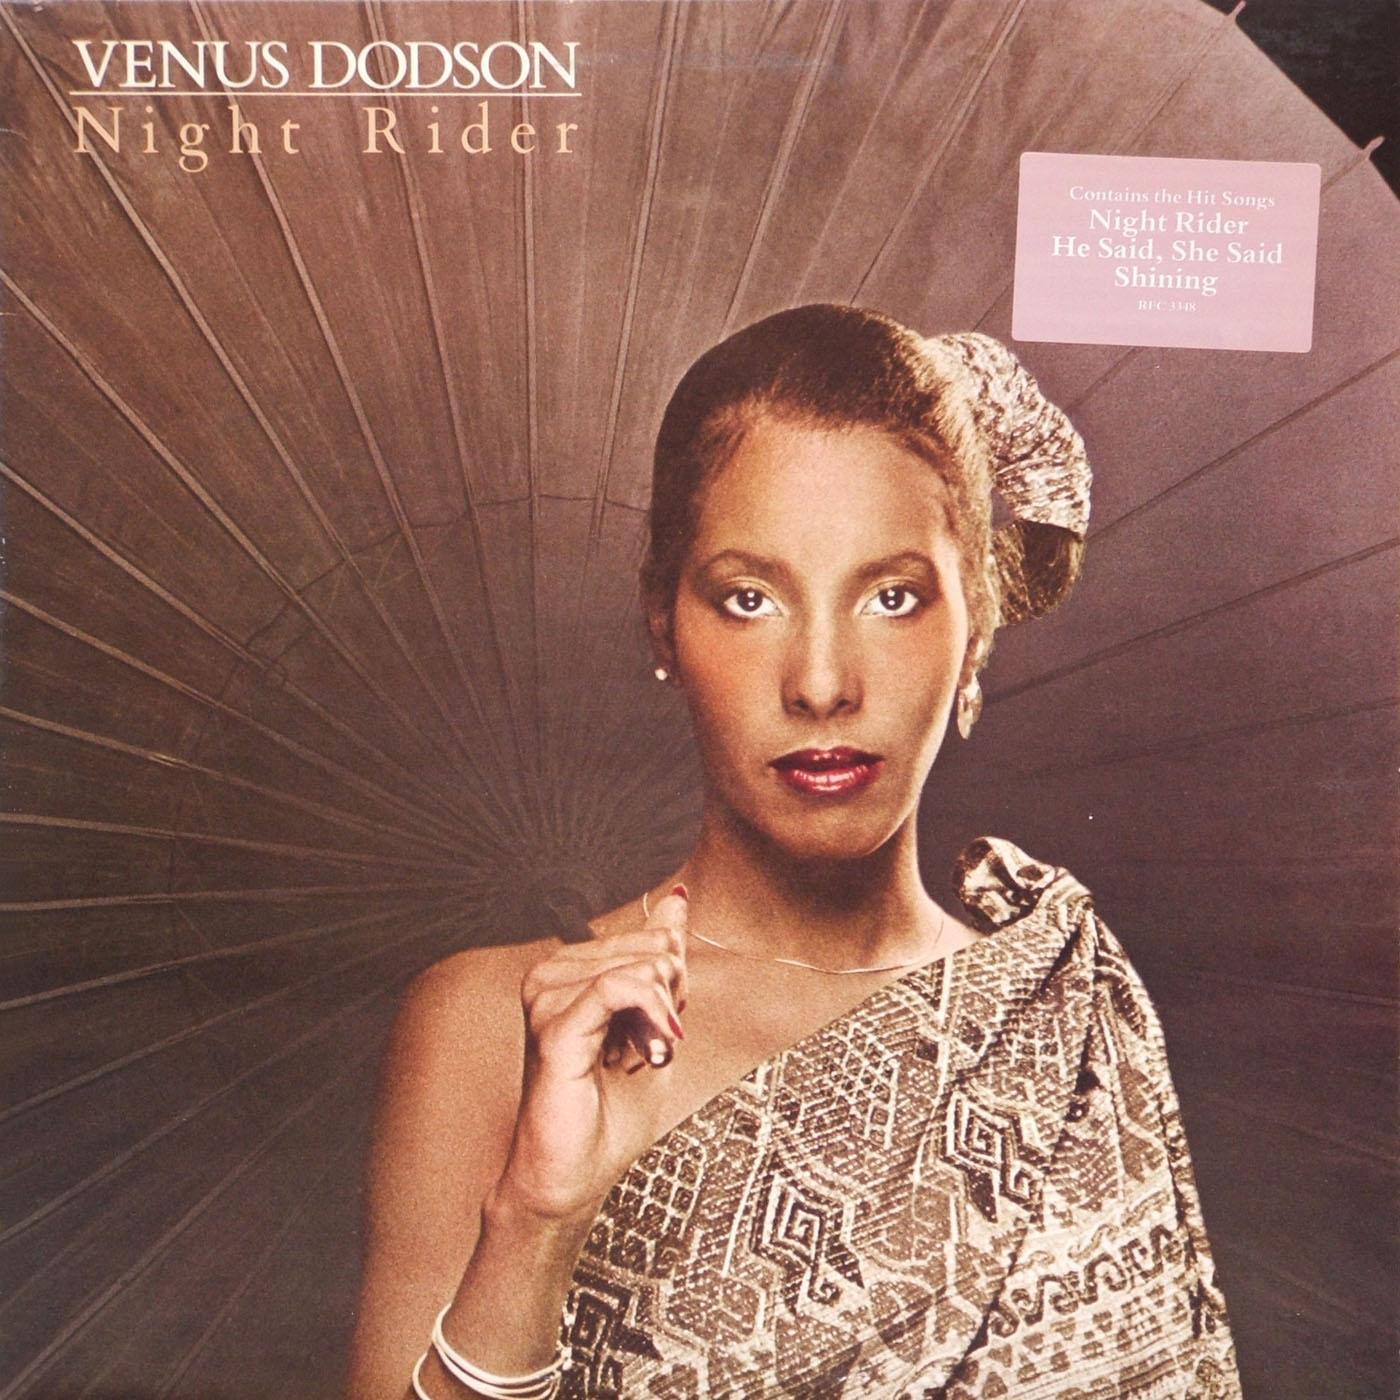 Music Rewind Venus Dodson Night Rider 1979